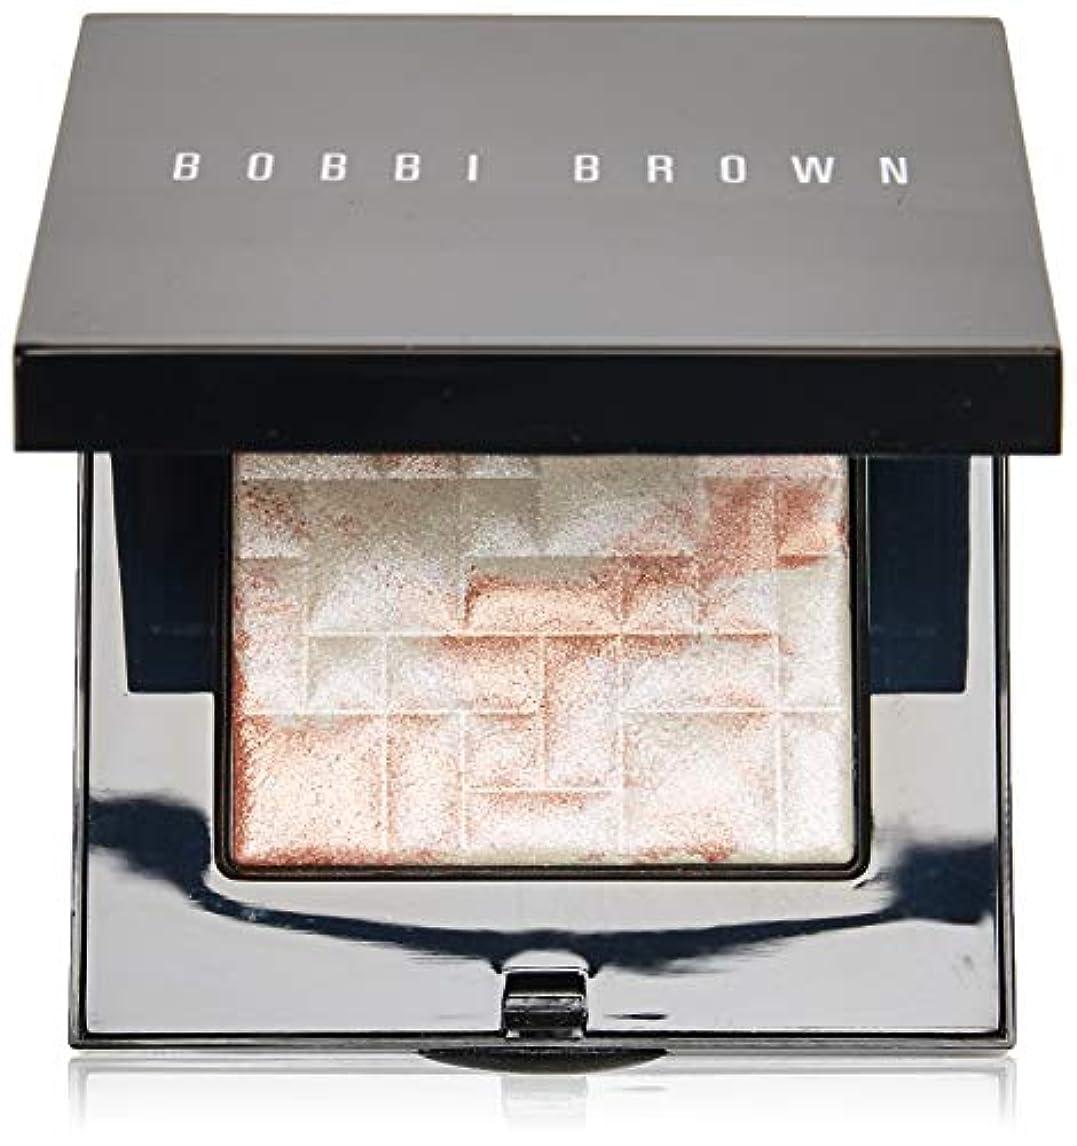 好奇心盛負不可能なボビィブラウン(ボビー ブラウン) ハイライティング パウダー # Pink Glow